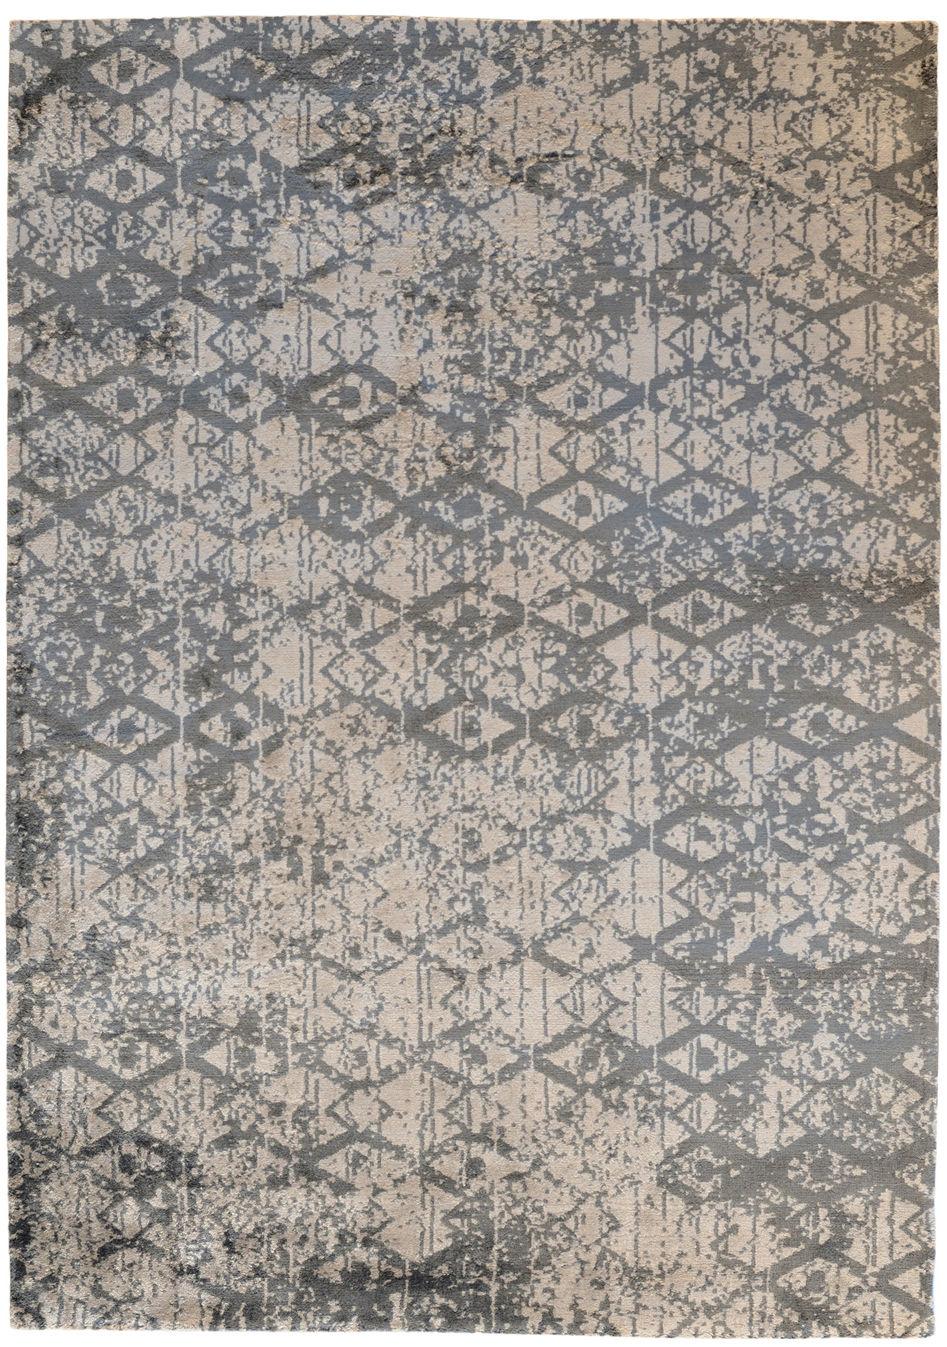 Tapis erase 170 x 240 cm tiss main gris toulemonde bochart - Made in design tapis ...